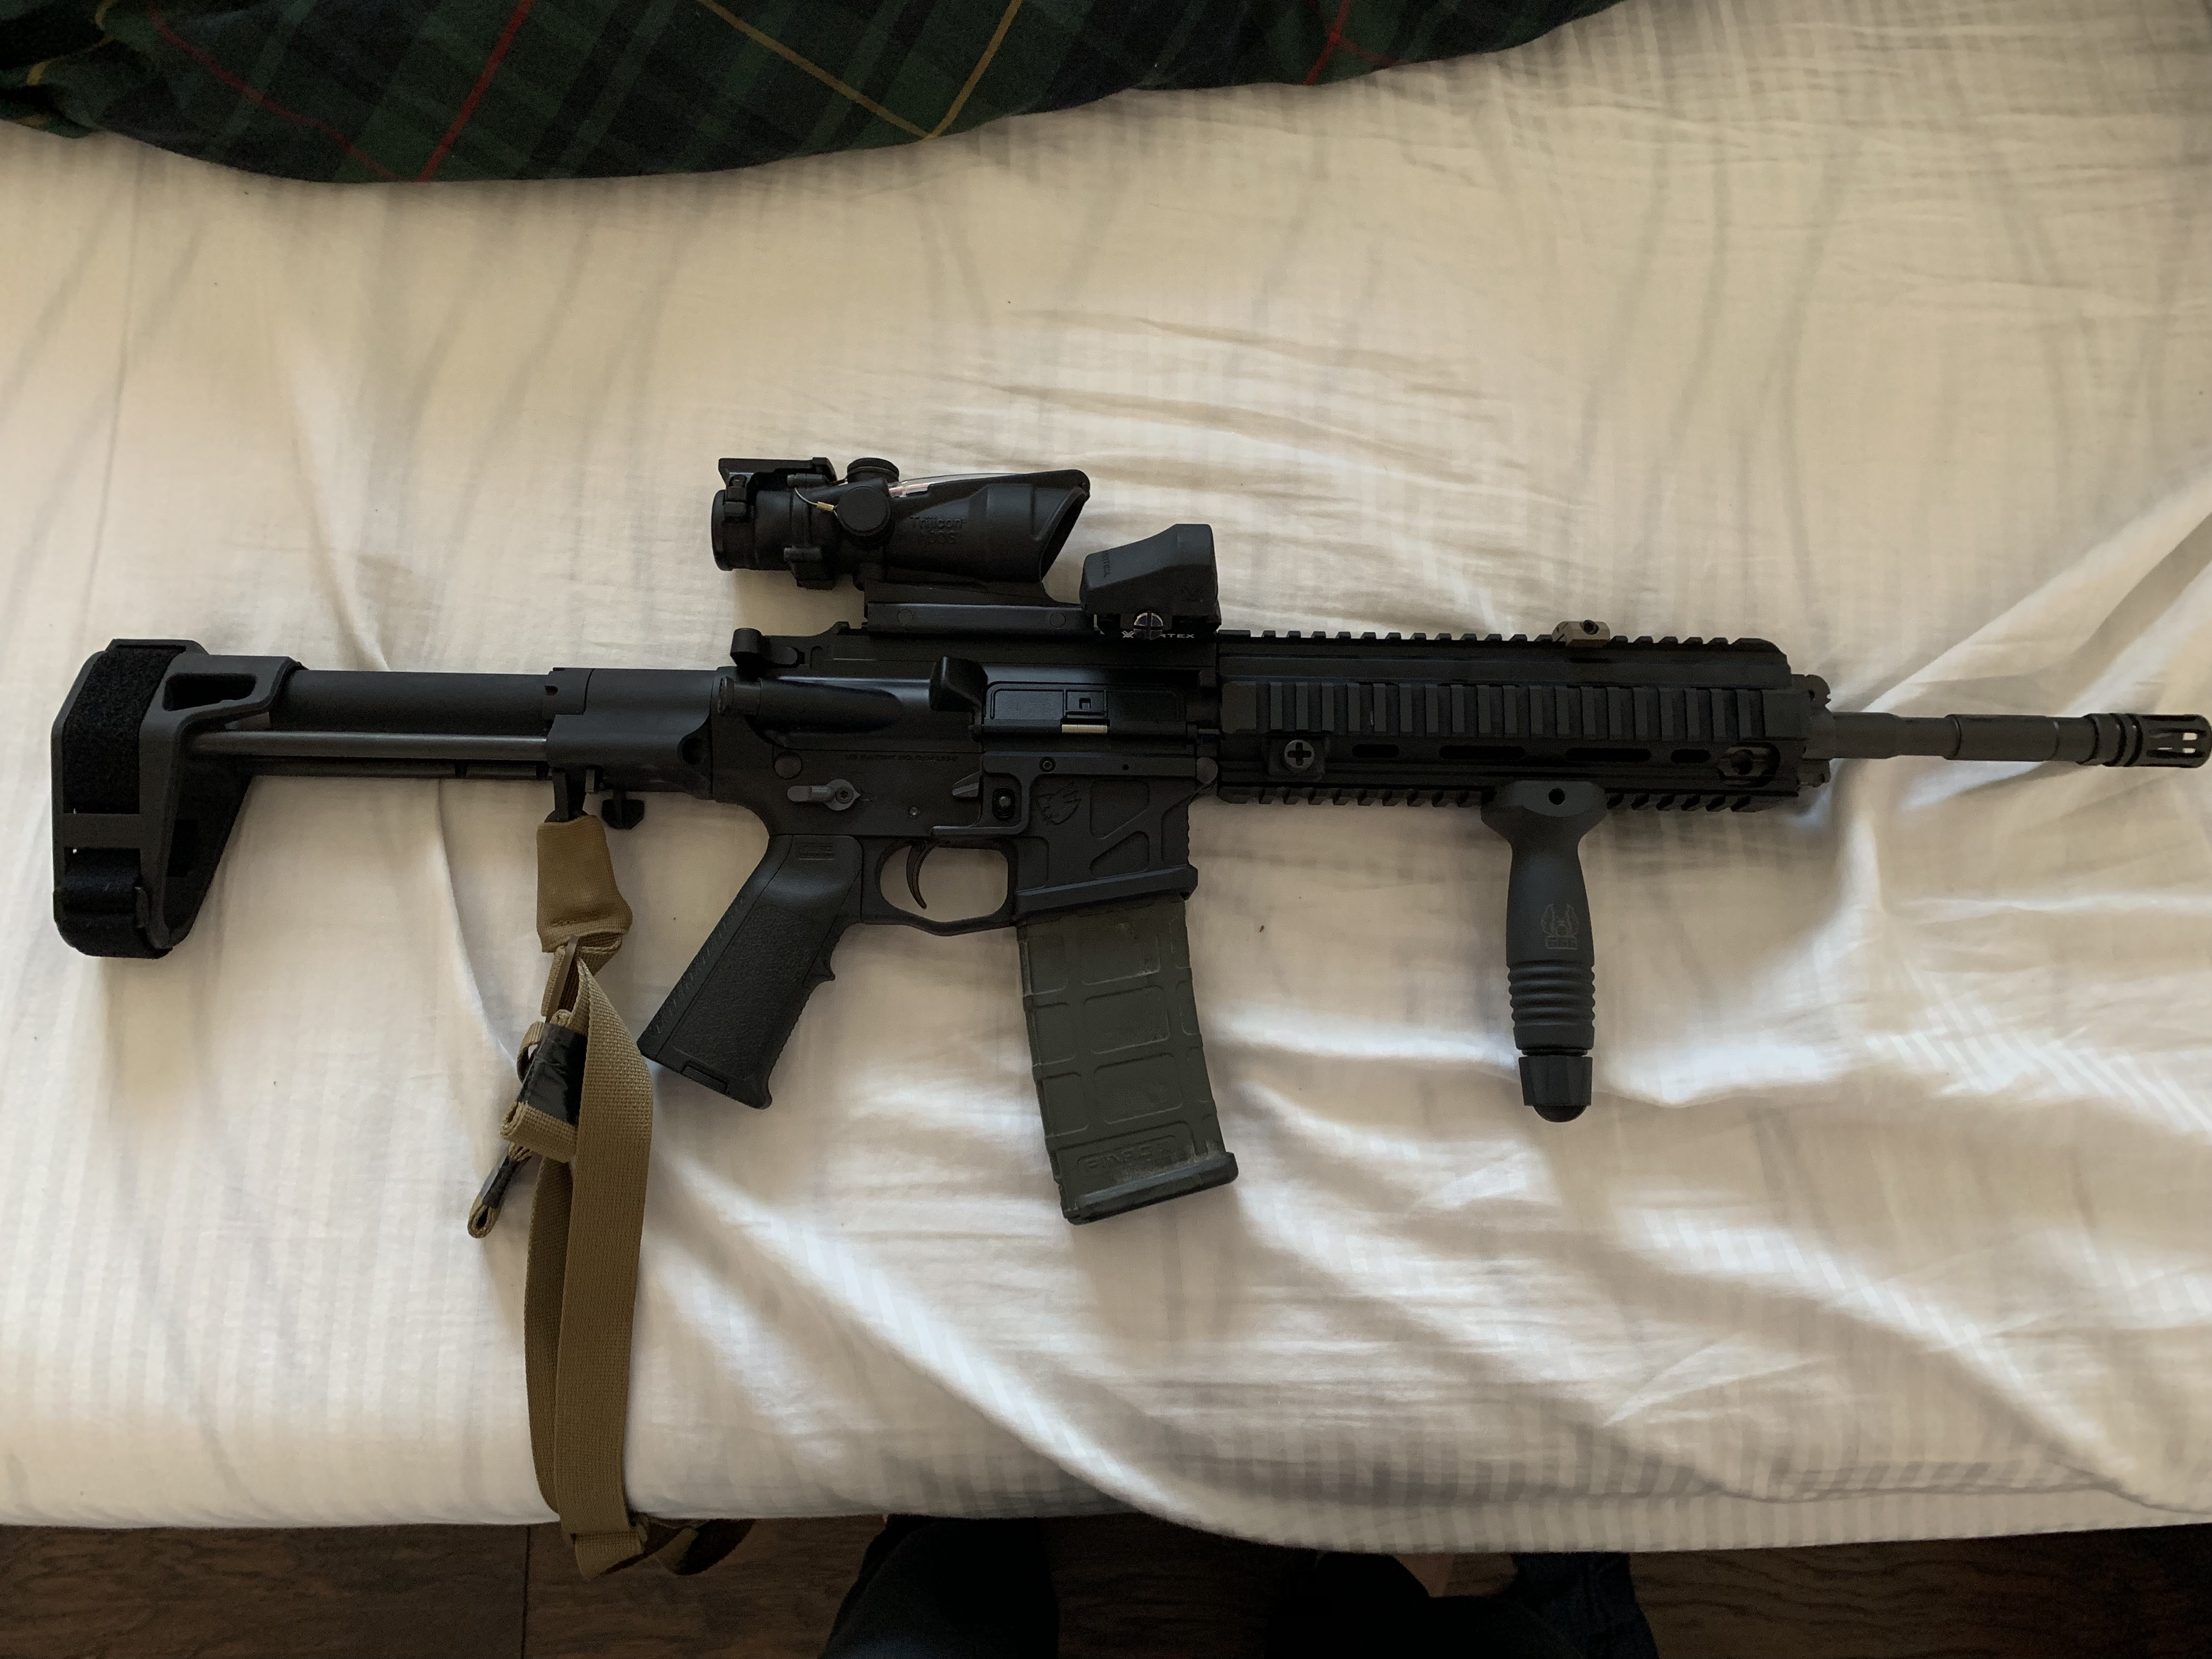 HK 416 14.5in barrel OTB-79b699b1-26b1-4274-9b55-7f2bc086193c_1554513716102.jpeg